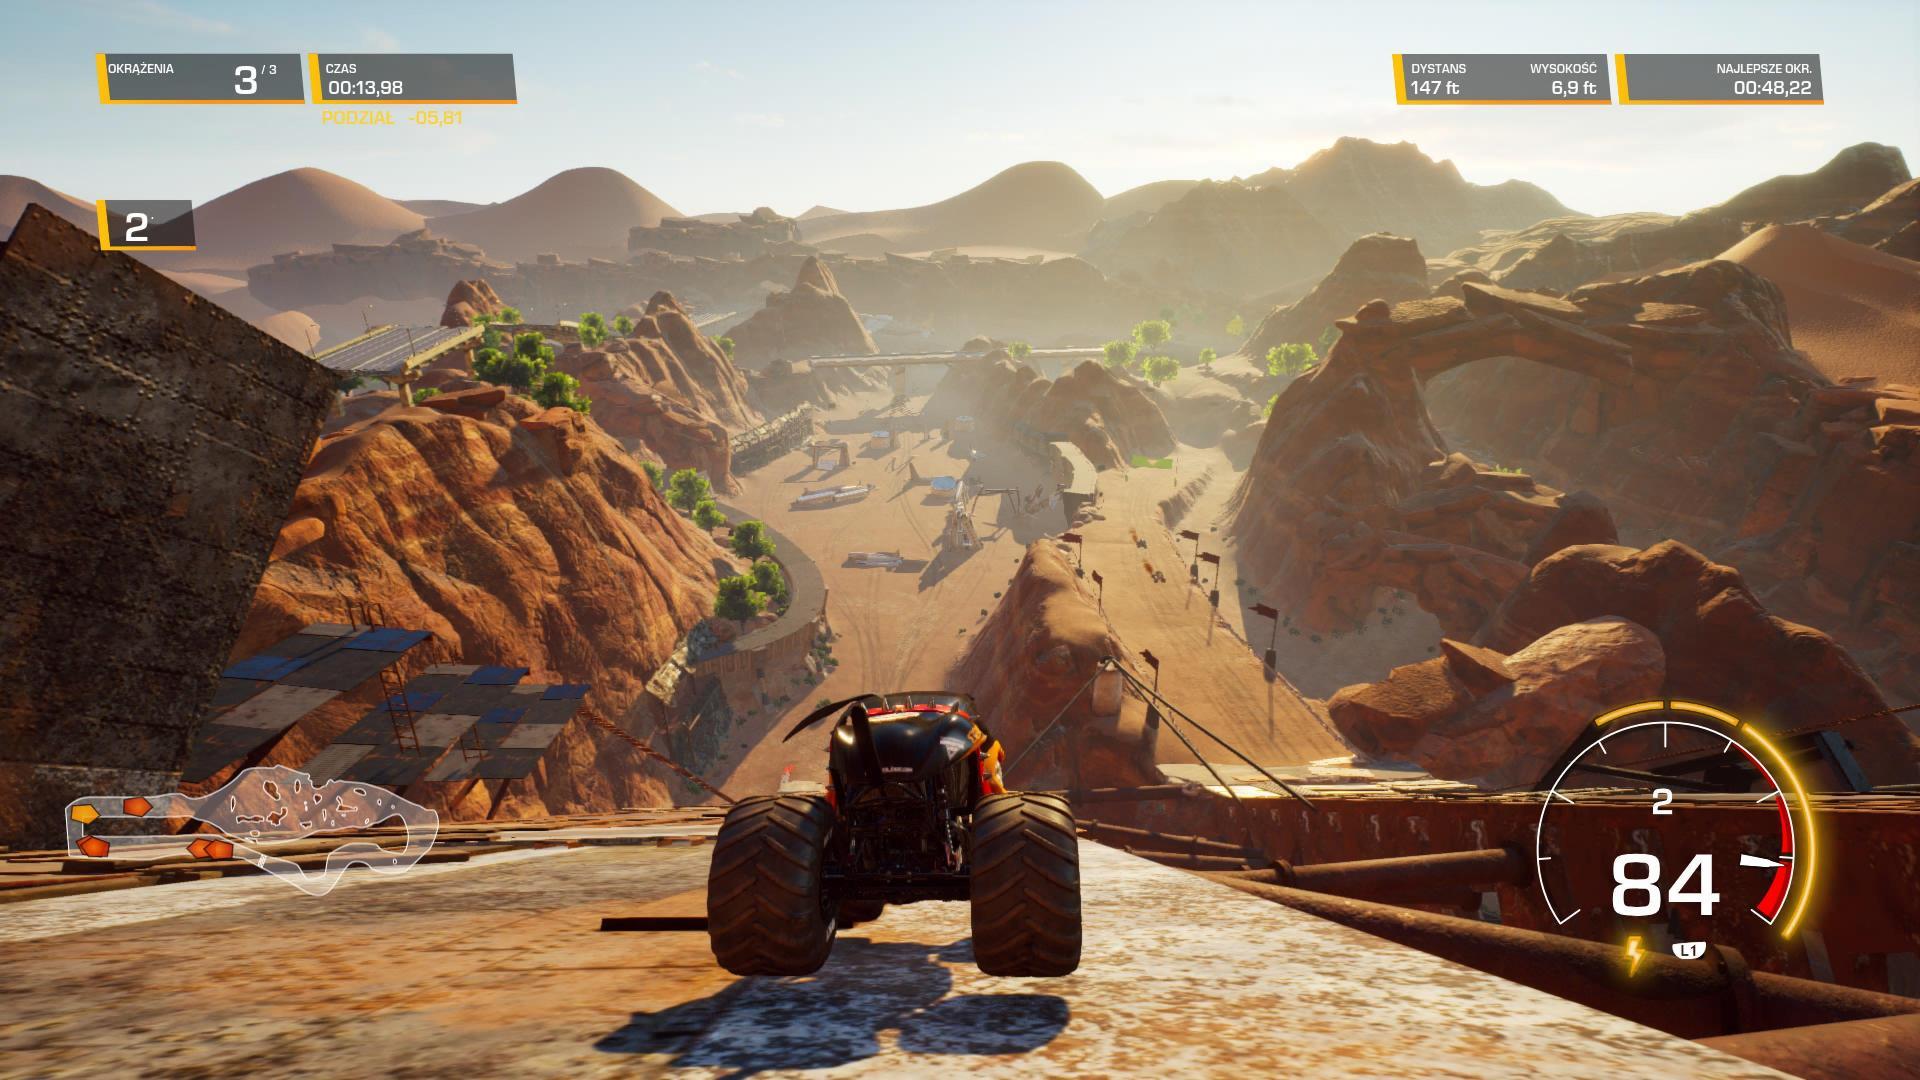 Monster Jam Steel Titans 2 - Descent into the desert